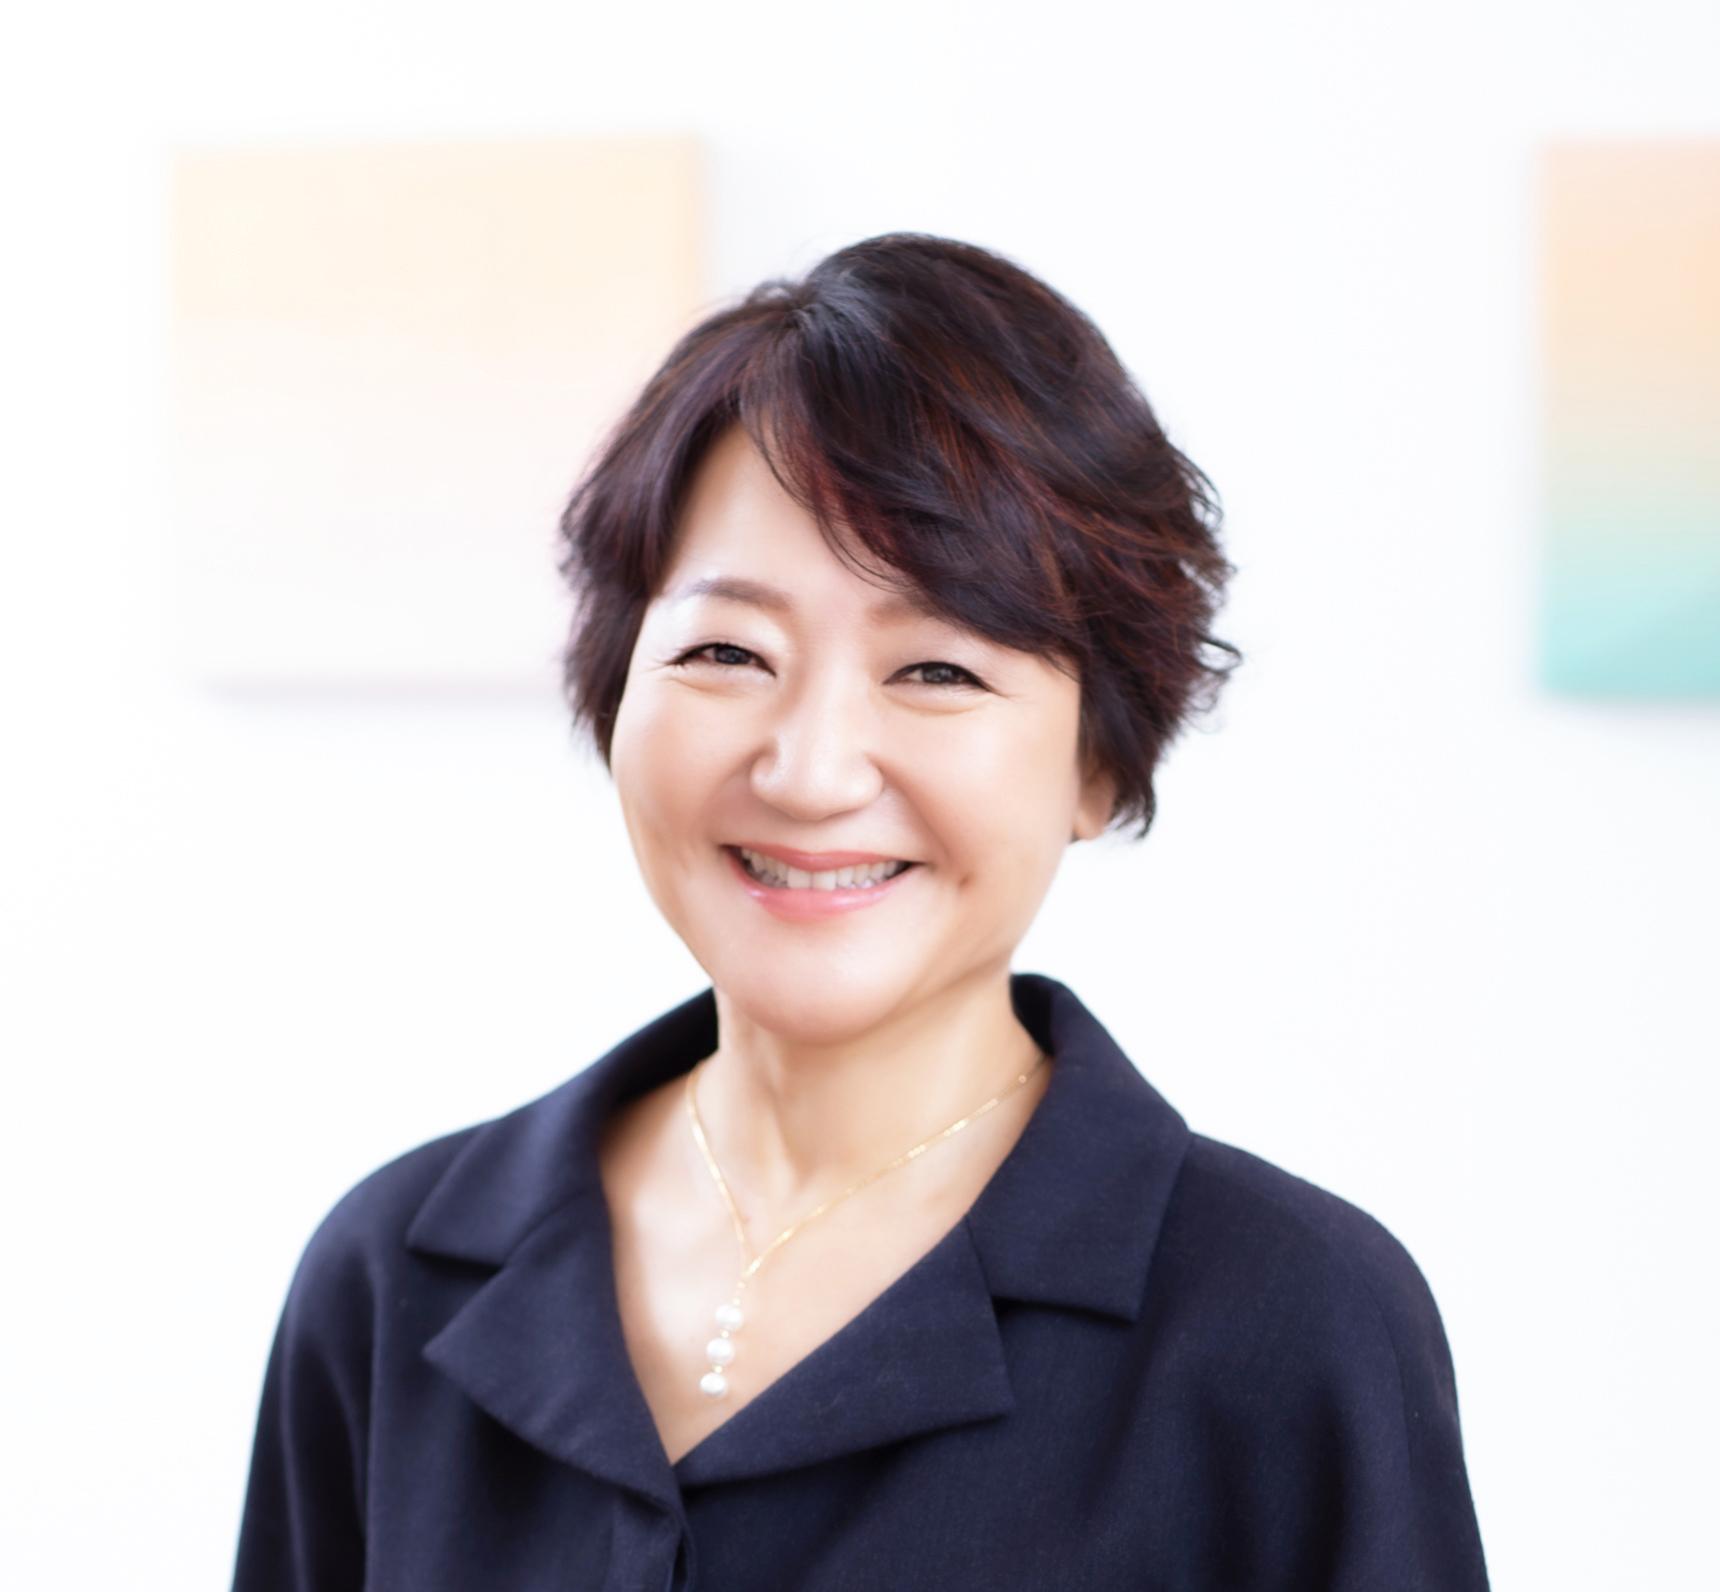 大野 奈津 / YEAH学長 CEO